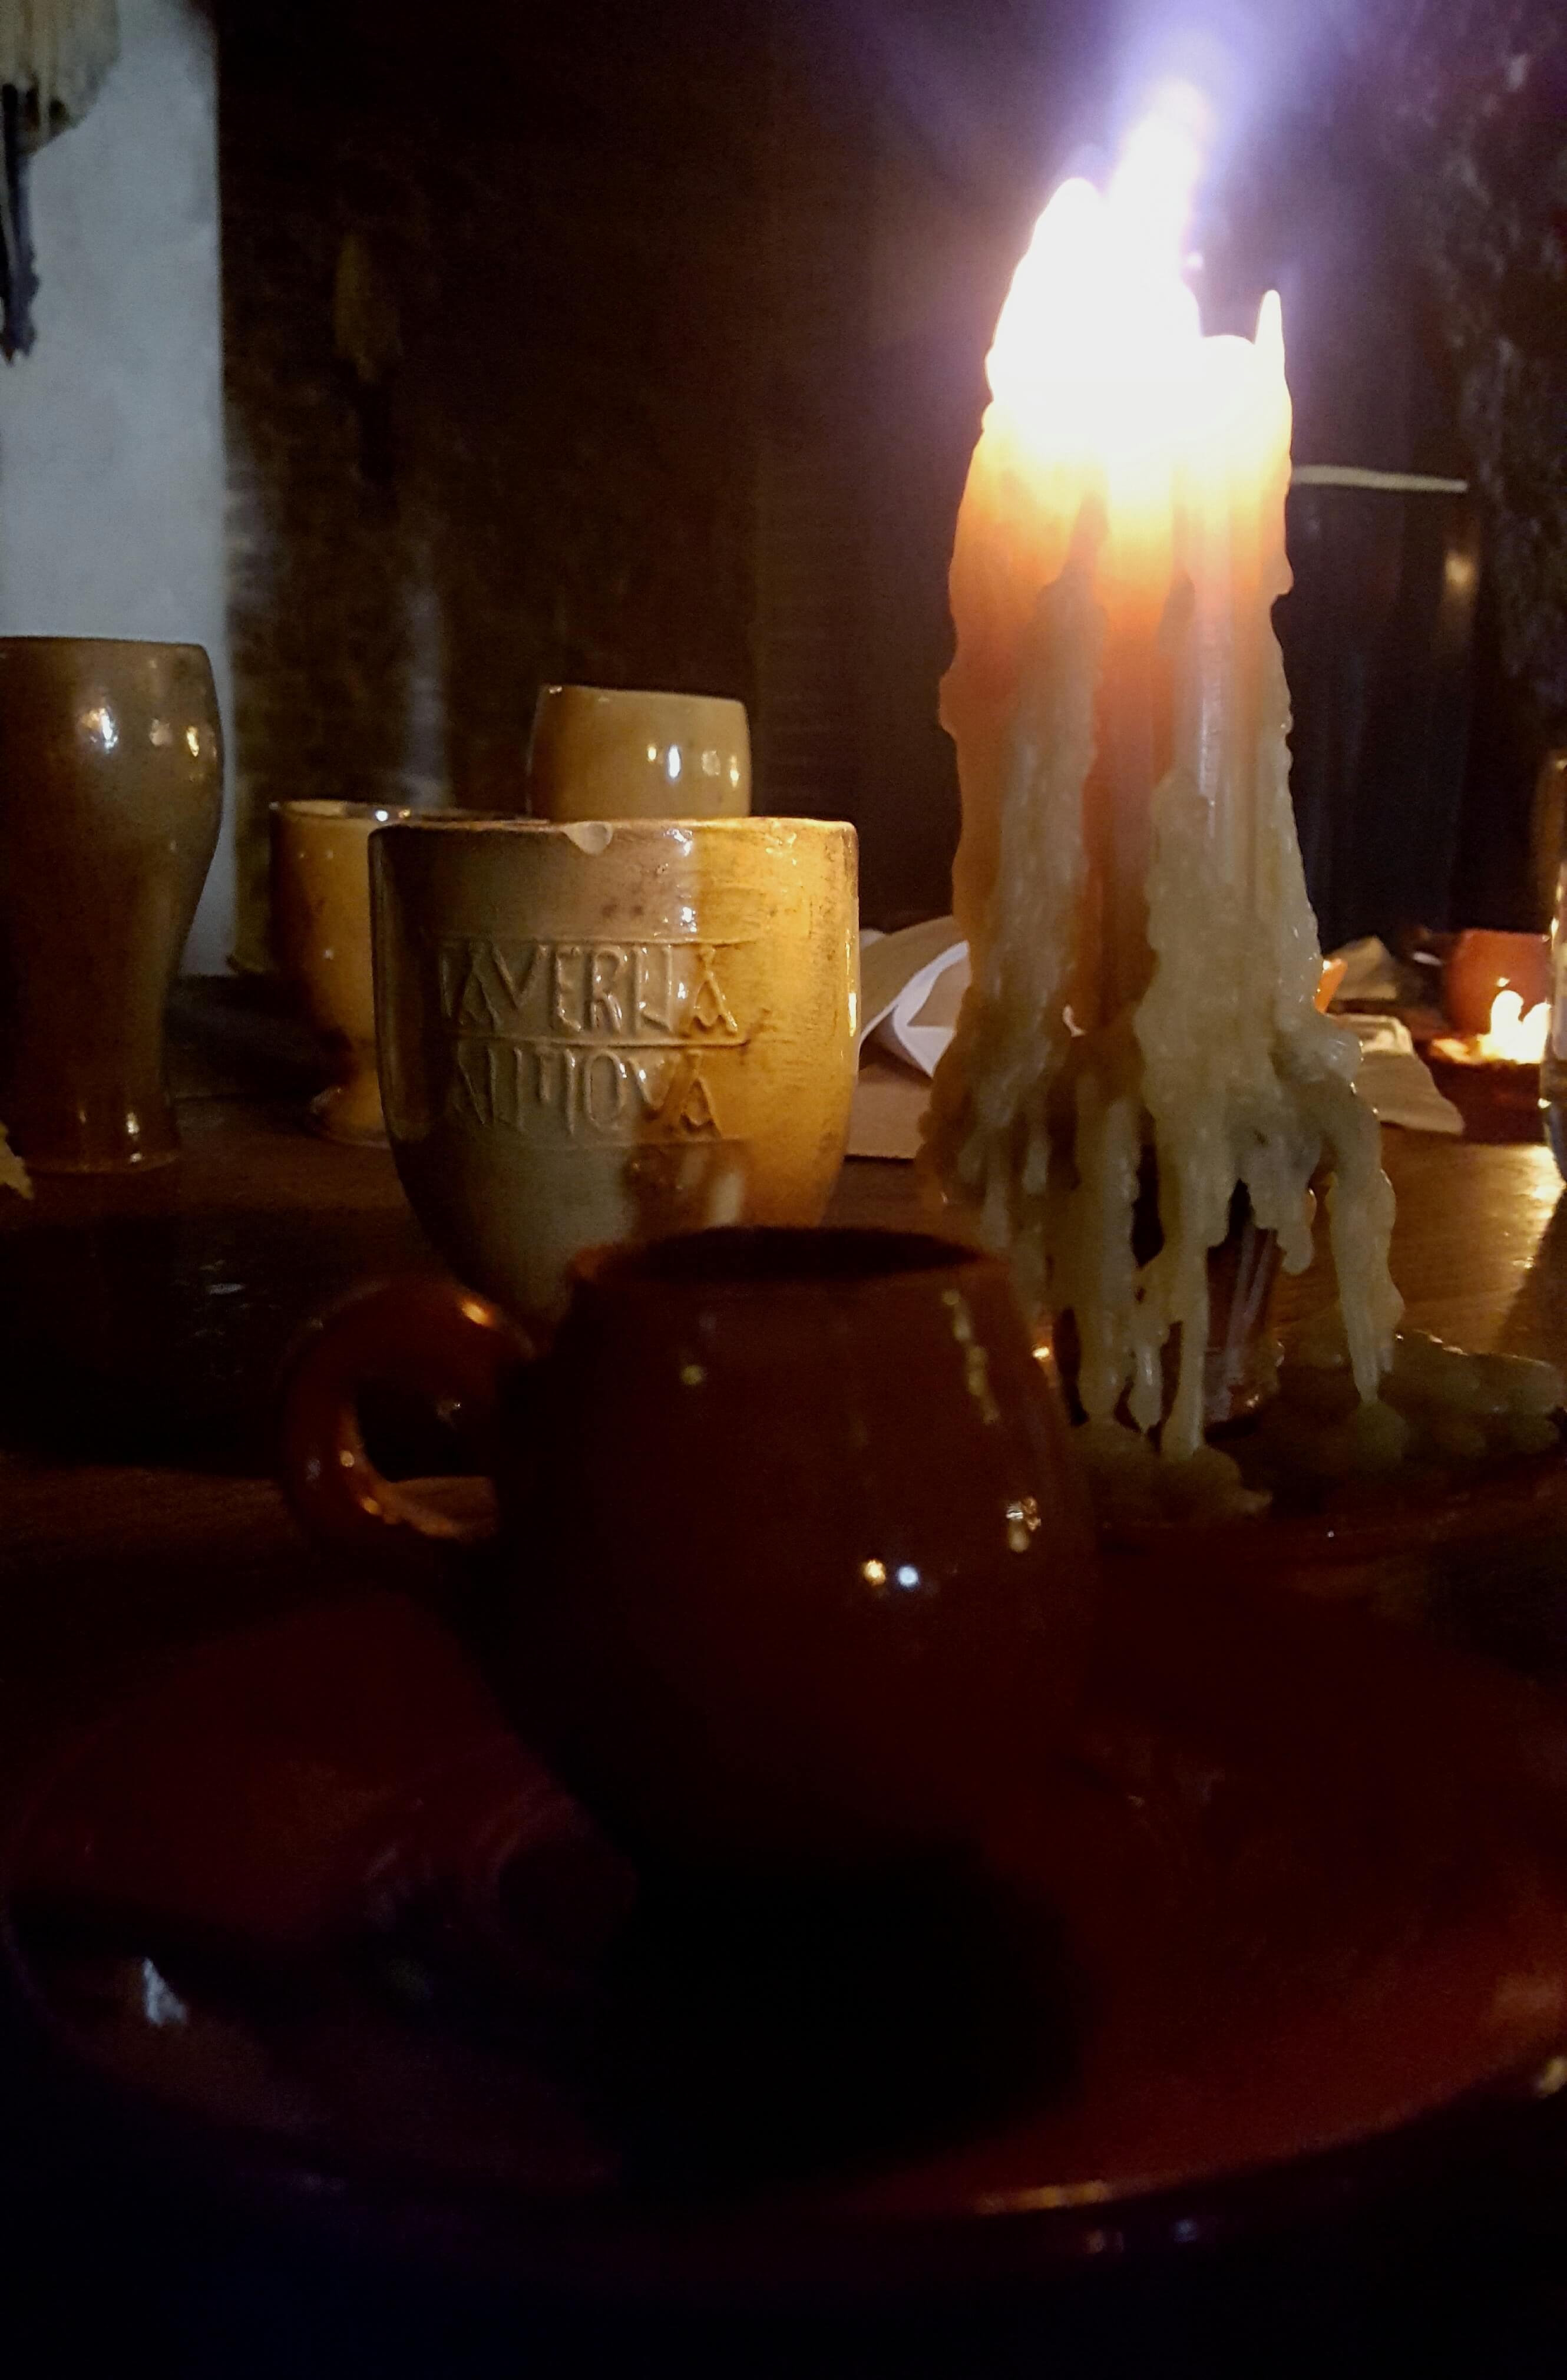 taverna antiqua cafe